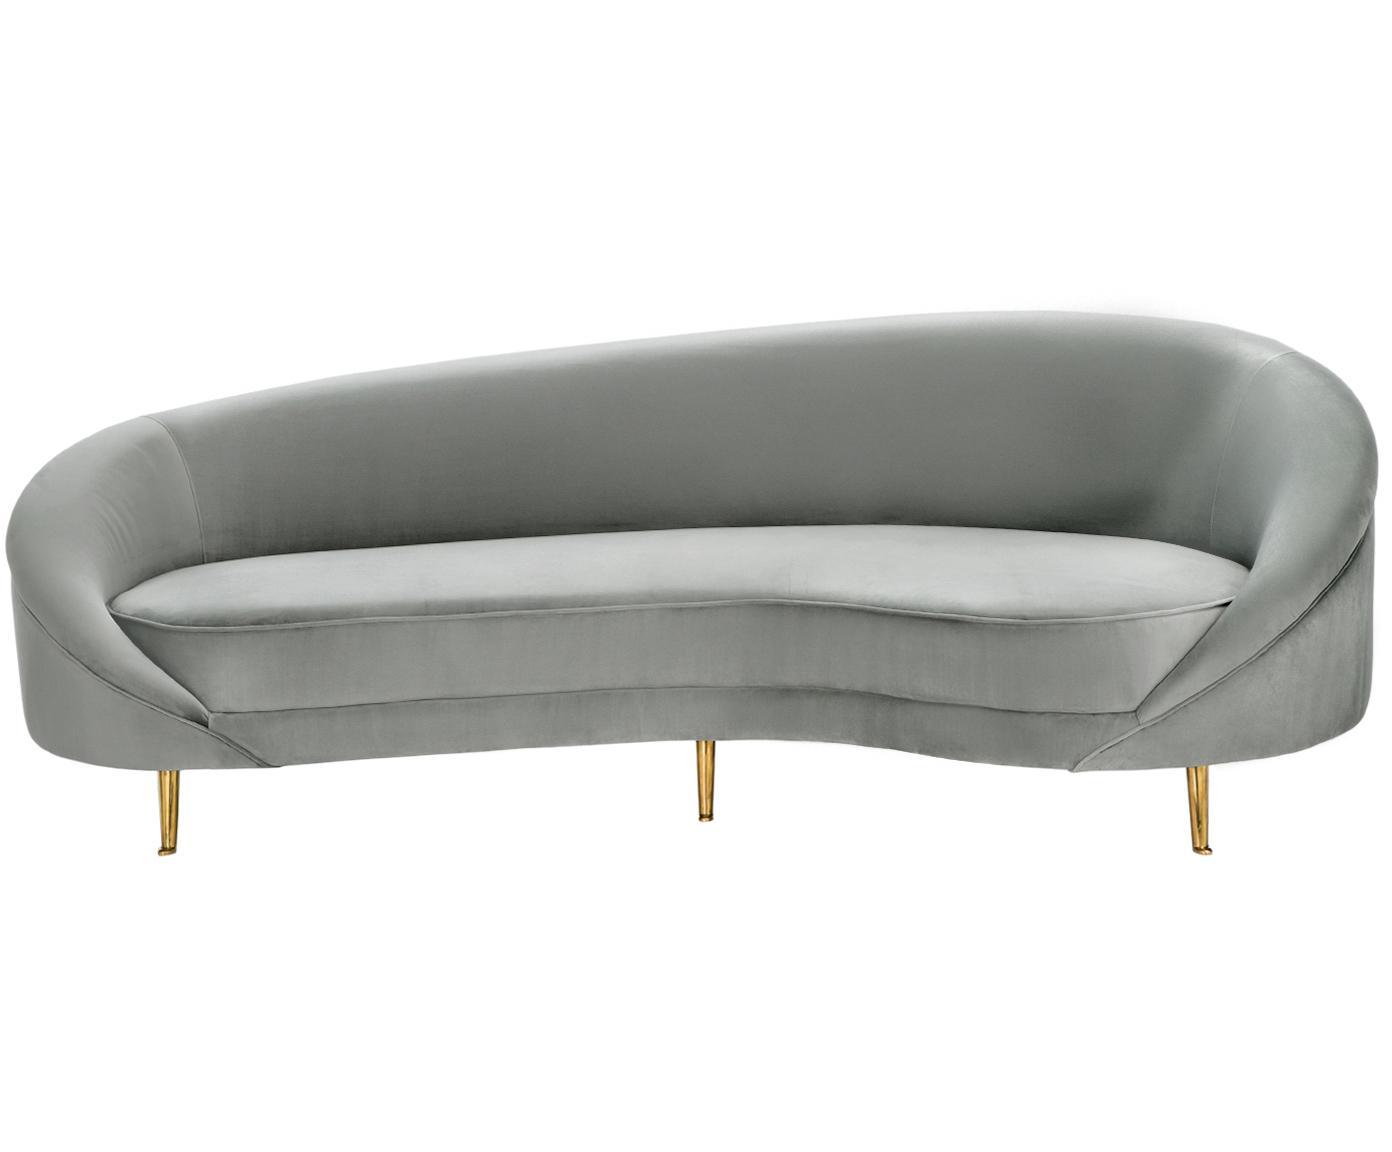 Fluwelen bank Gatsby (3-zits), Bekleding: fluweel (polyester), Frame: massief eucalyptushout, Poten: gegalvaniseerd metaal, Bekleding: grijs. Poten: glanzend goudkleurig, B 245 x D 102 cm